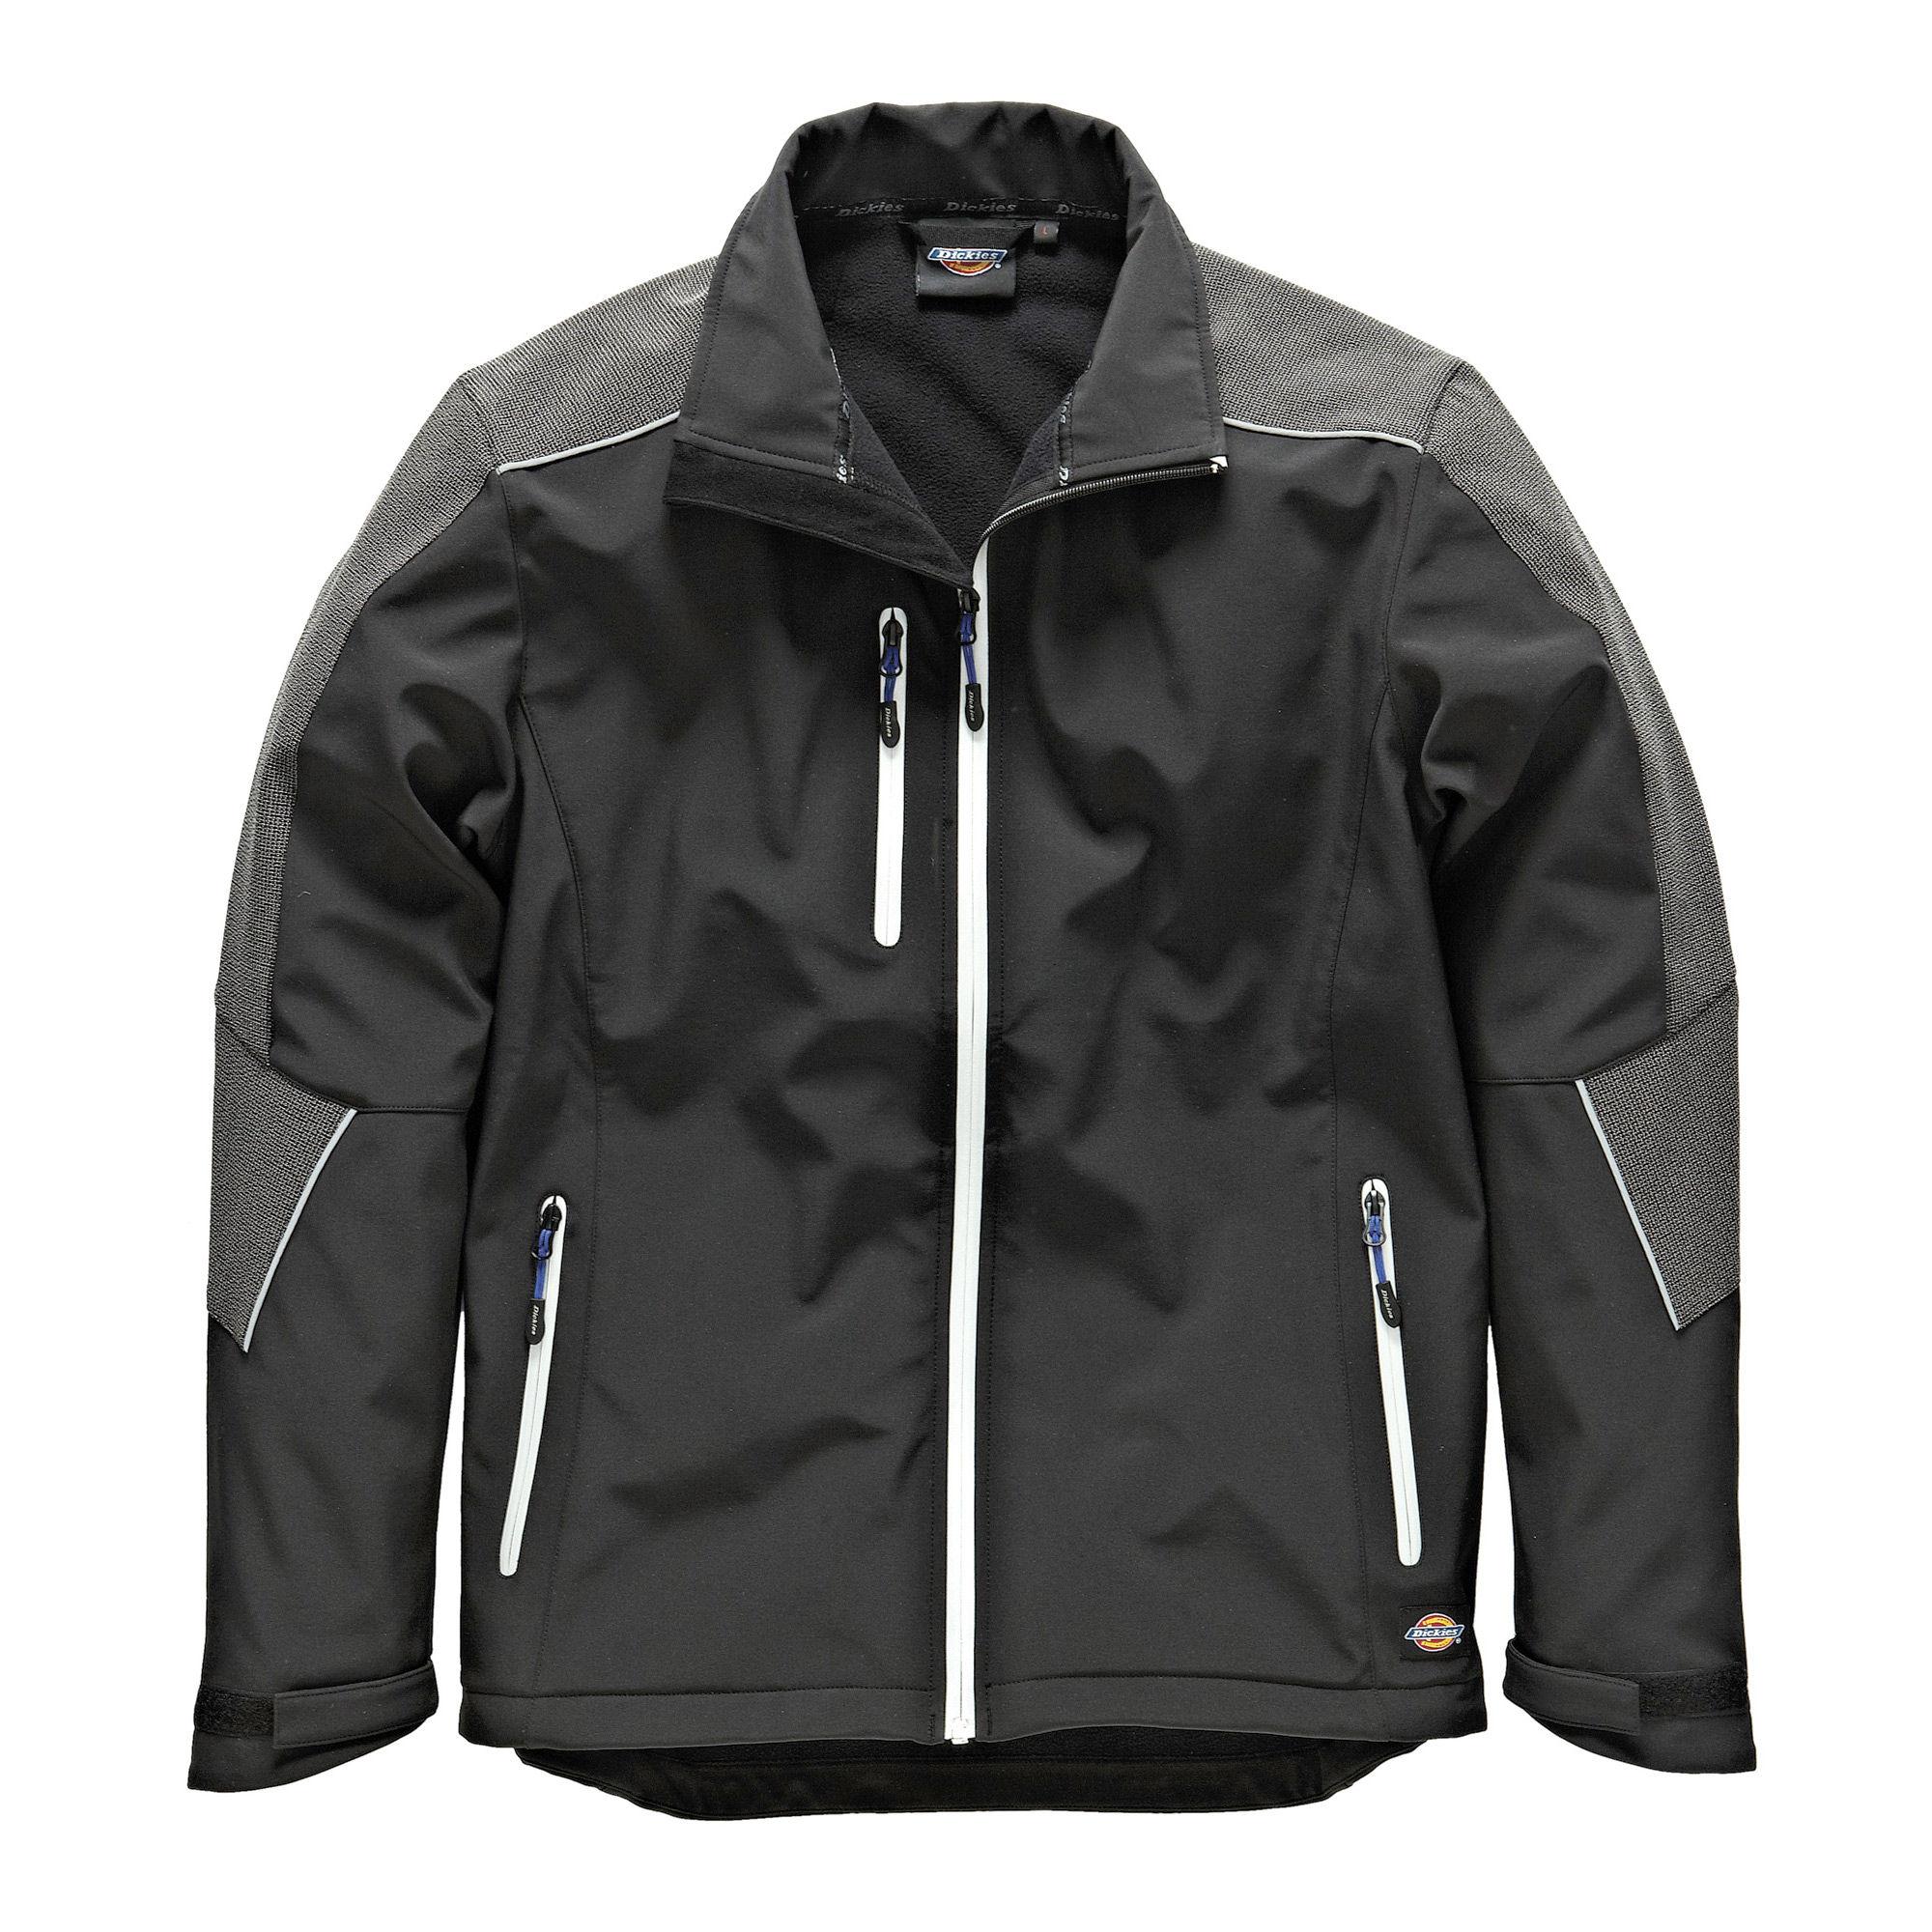 Dickies JW7009 Glenwood Waterproof Breathable Softshell Jacket in Black - Size XXL